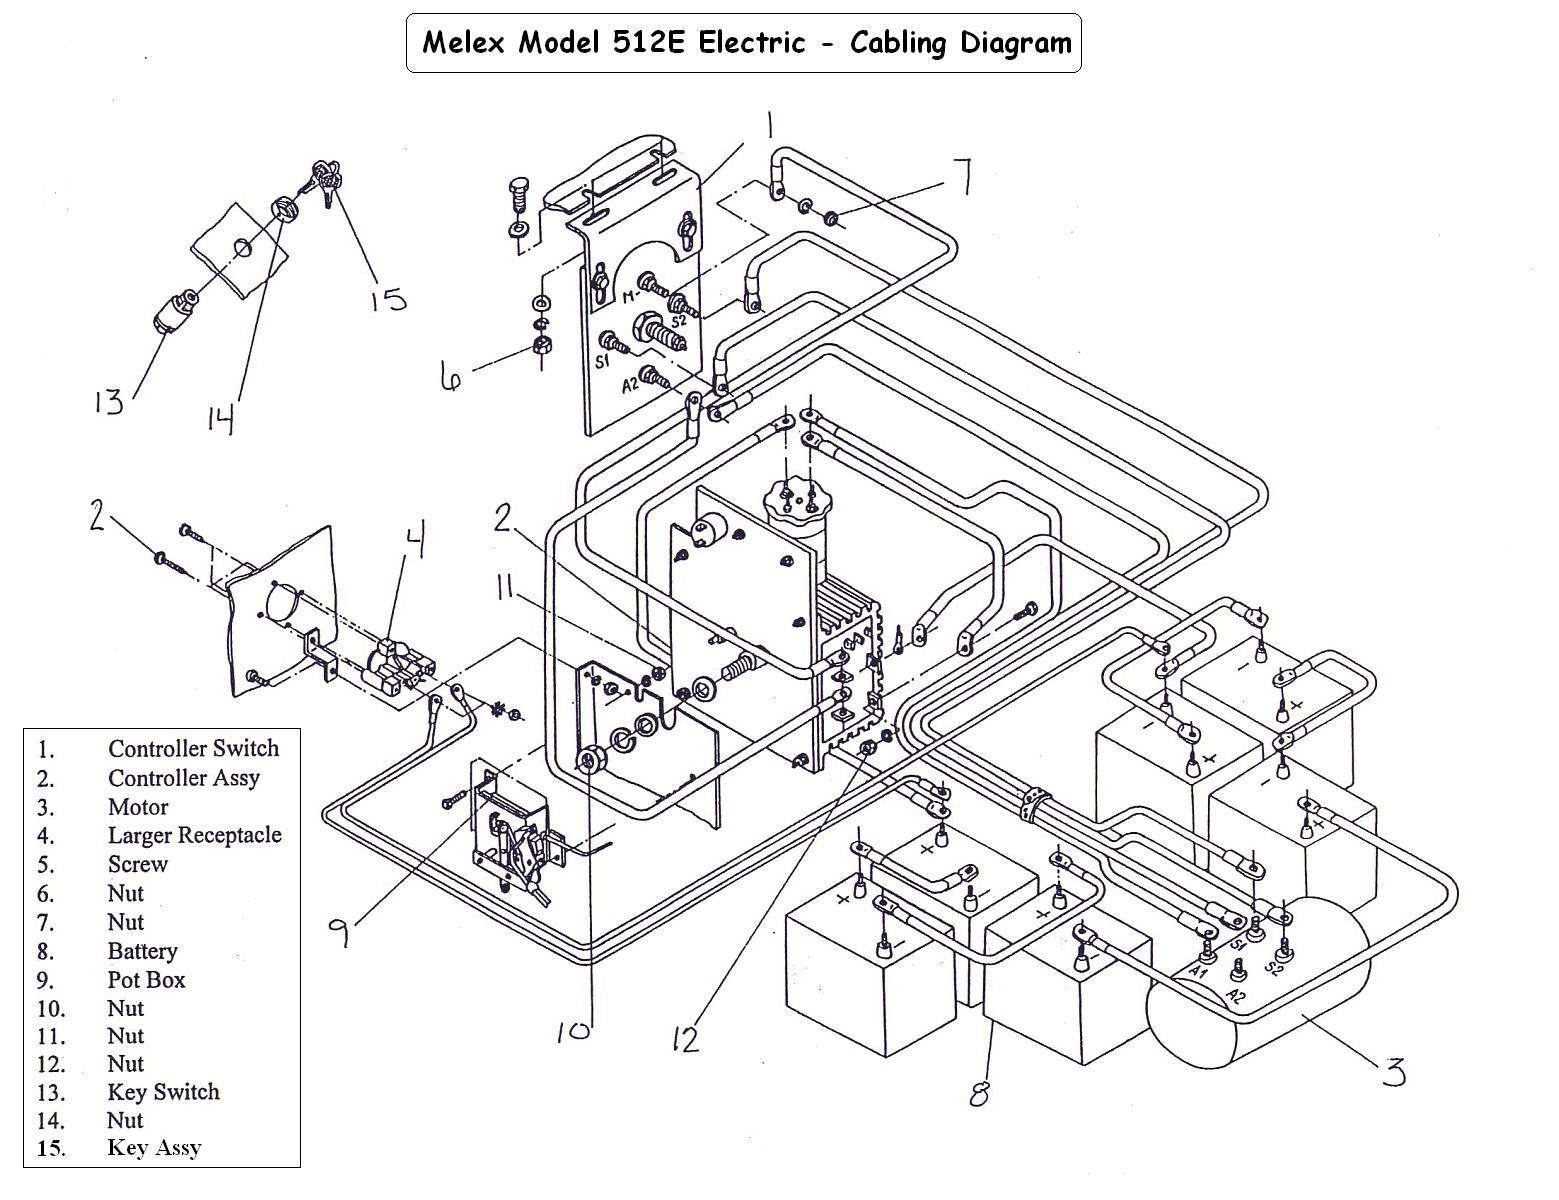 Melex 412 Golf Cart Wiring Diagram - Gm 3100 Sfi Engine Diagram  imuniman.au-delice-limousin.fr   1980 Melex 412 Golf Cart Wiring Diagram      Bege Place Wiring Diagram - Bege Wiring Diagram Full Edition